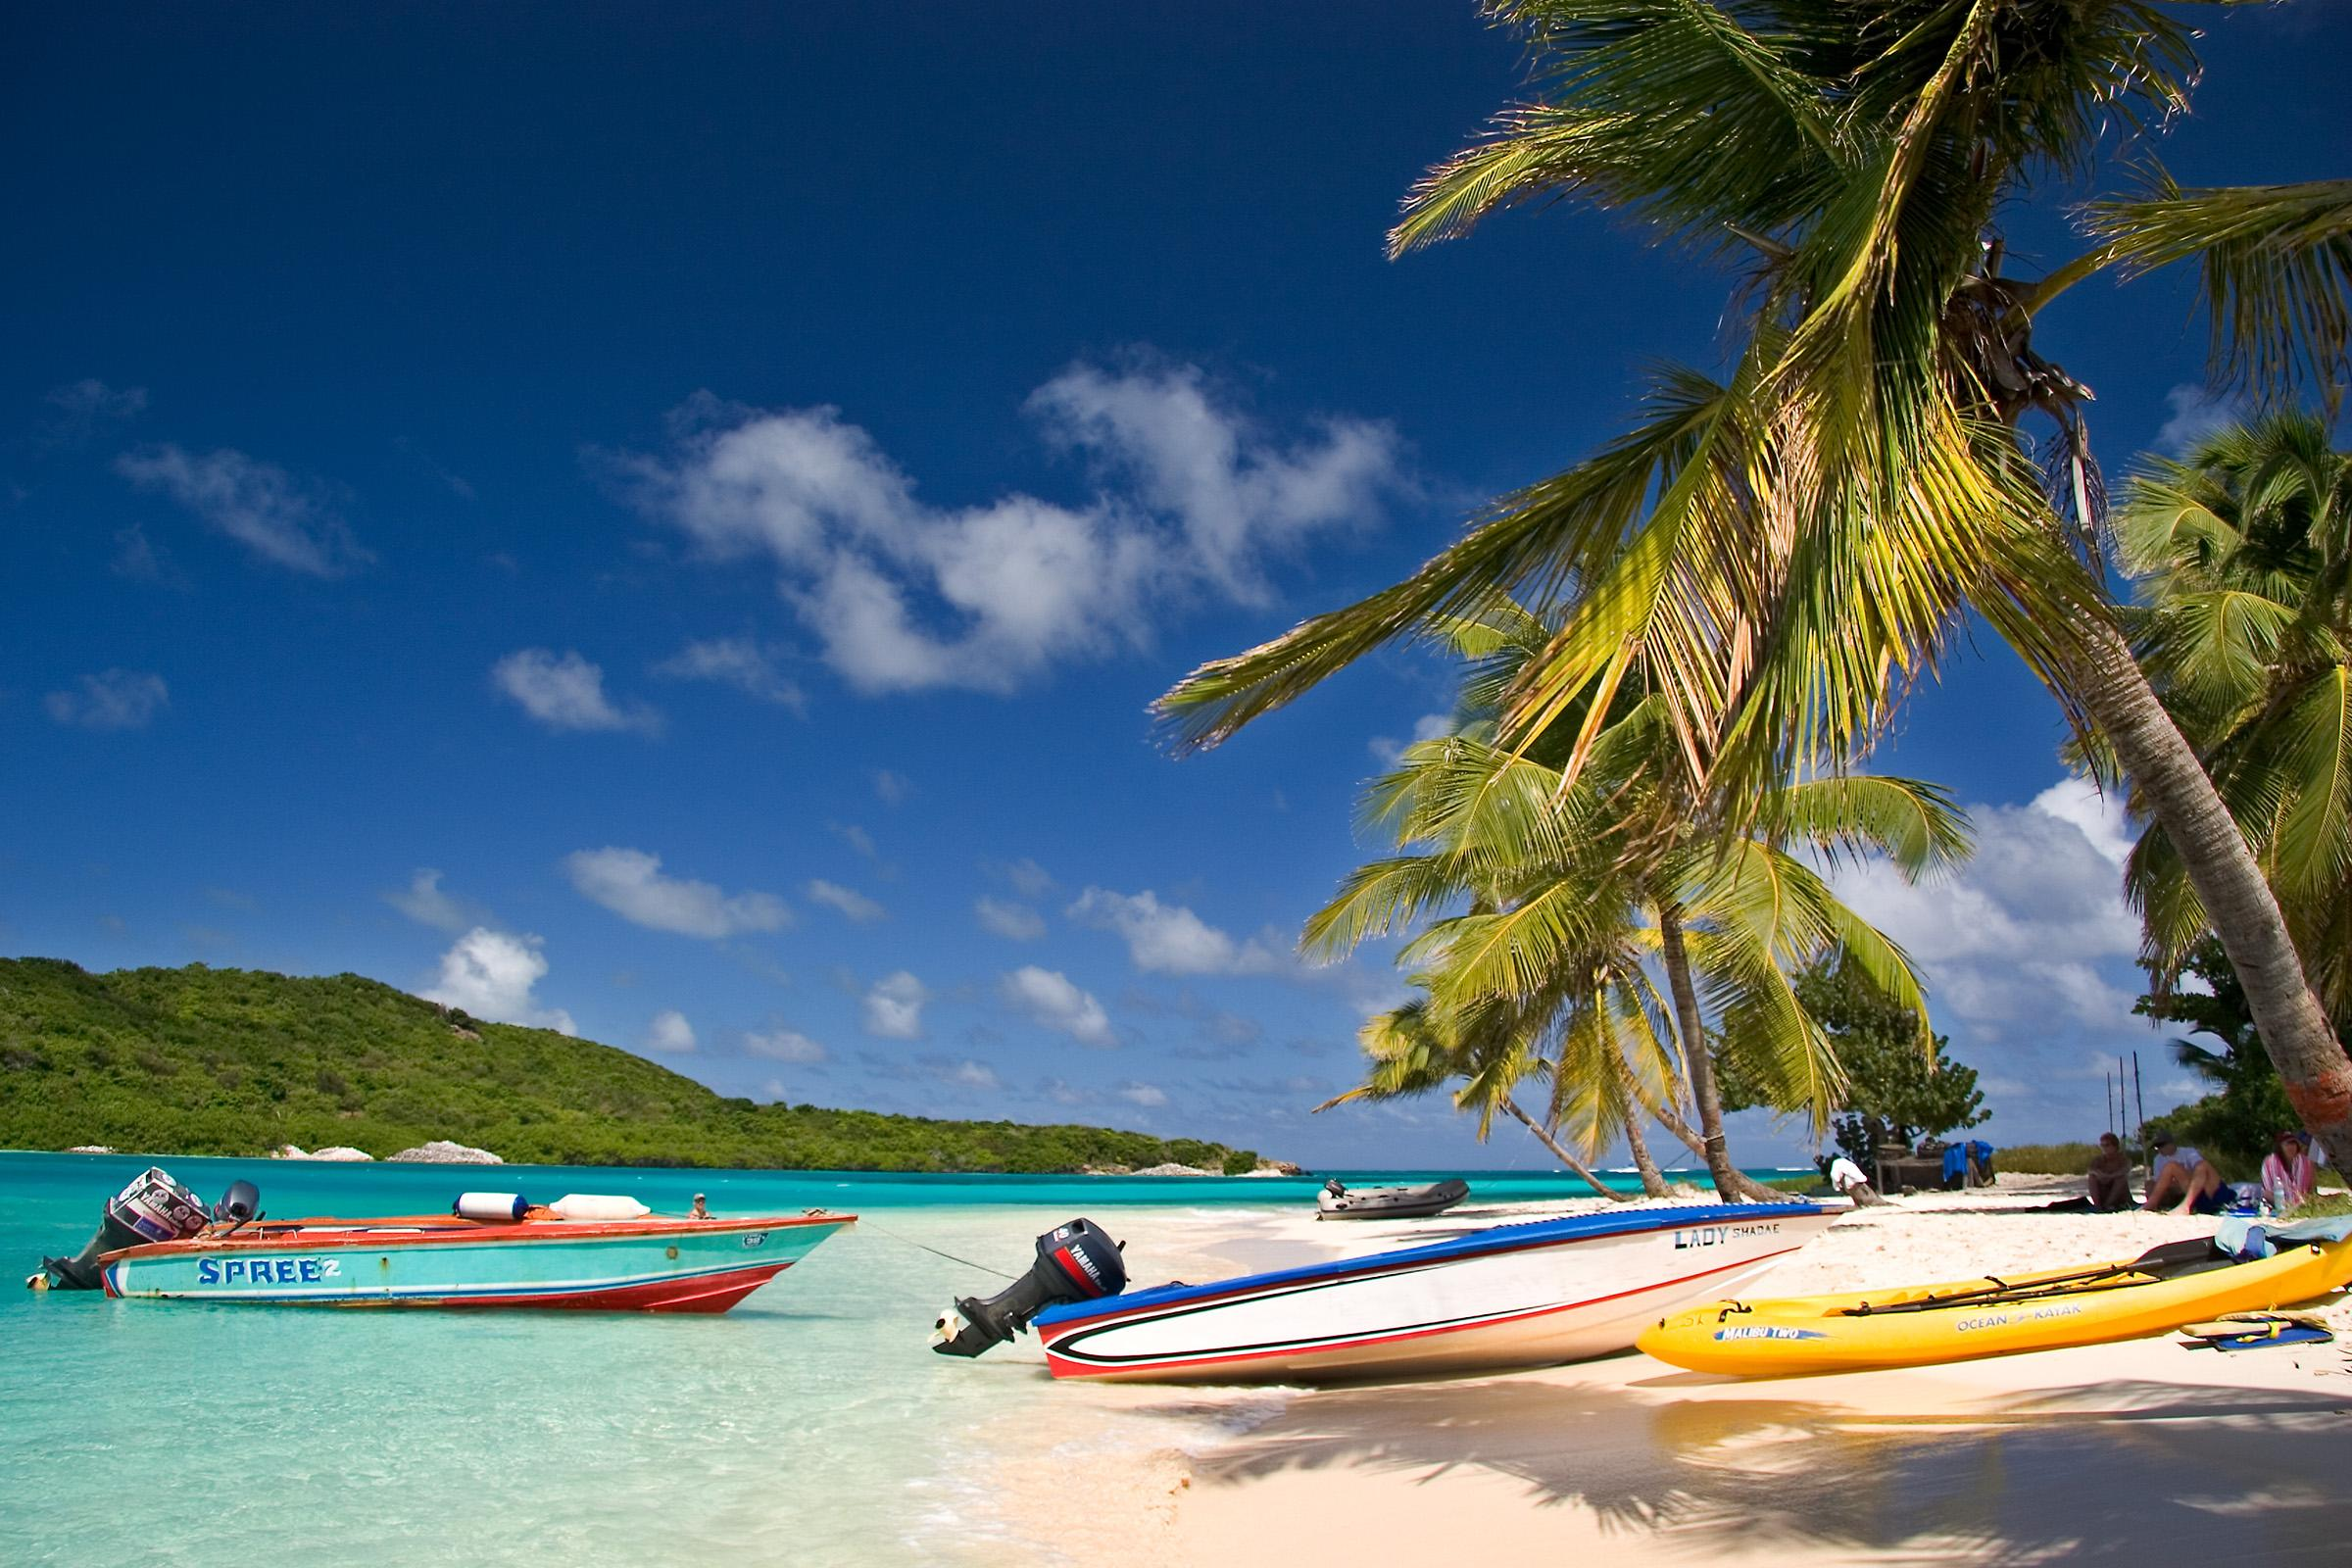 Mini guida per un viaggio a Martinica: quando andare e informazioni pratiche -